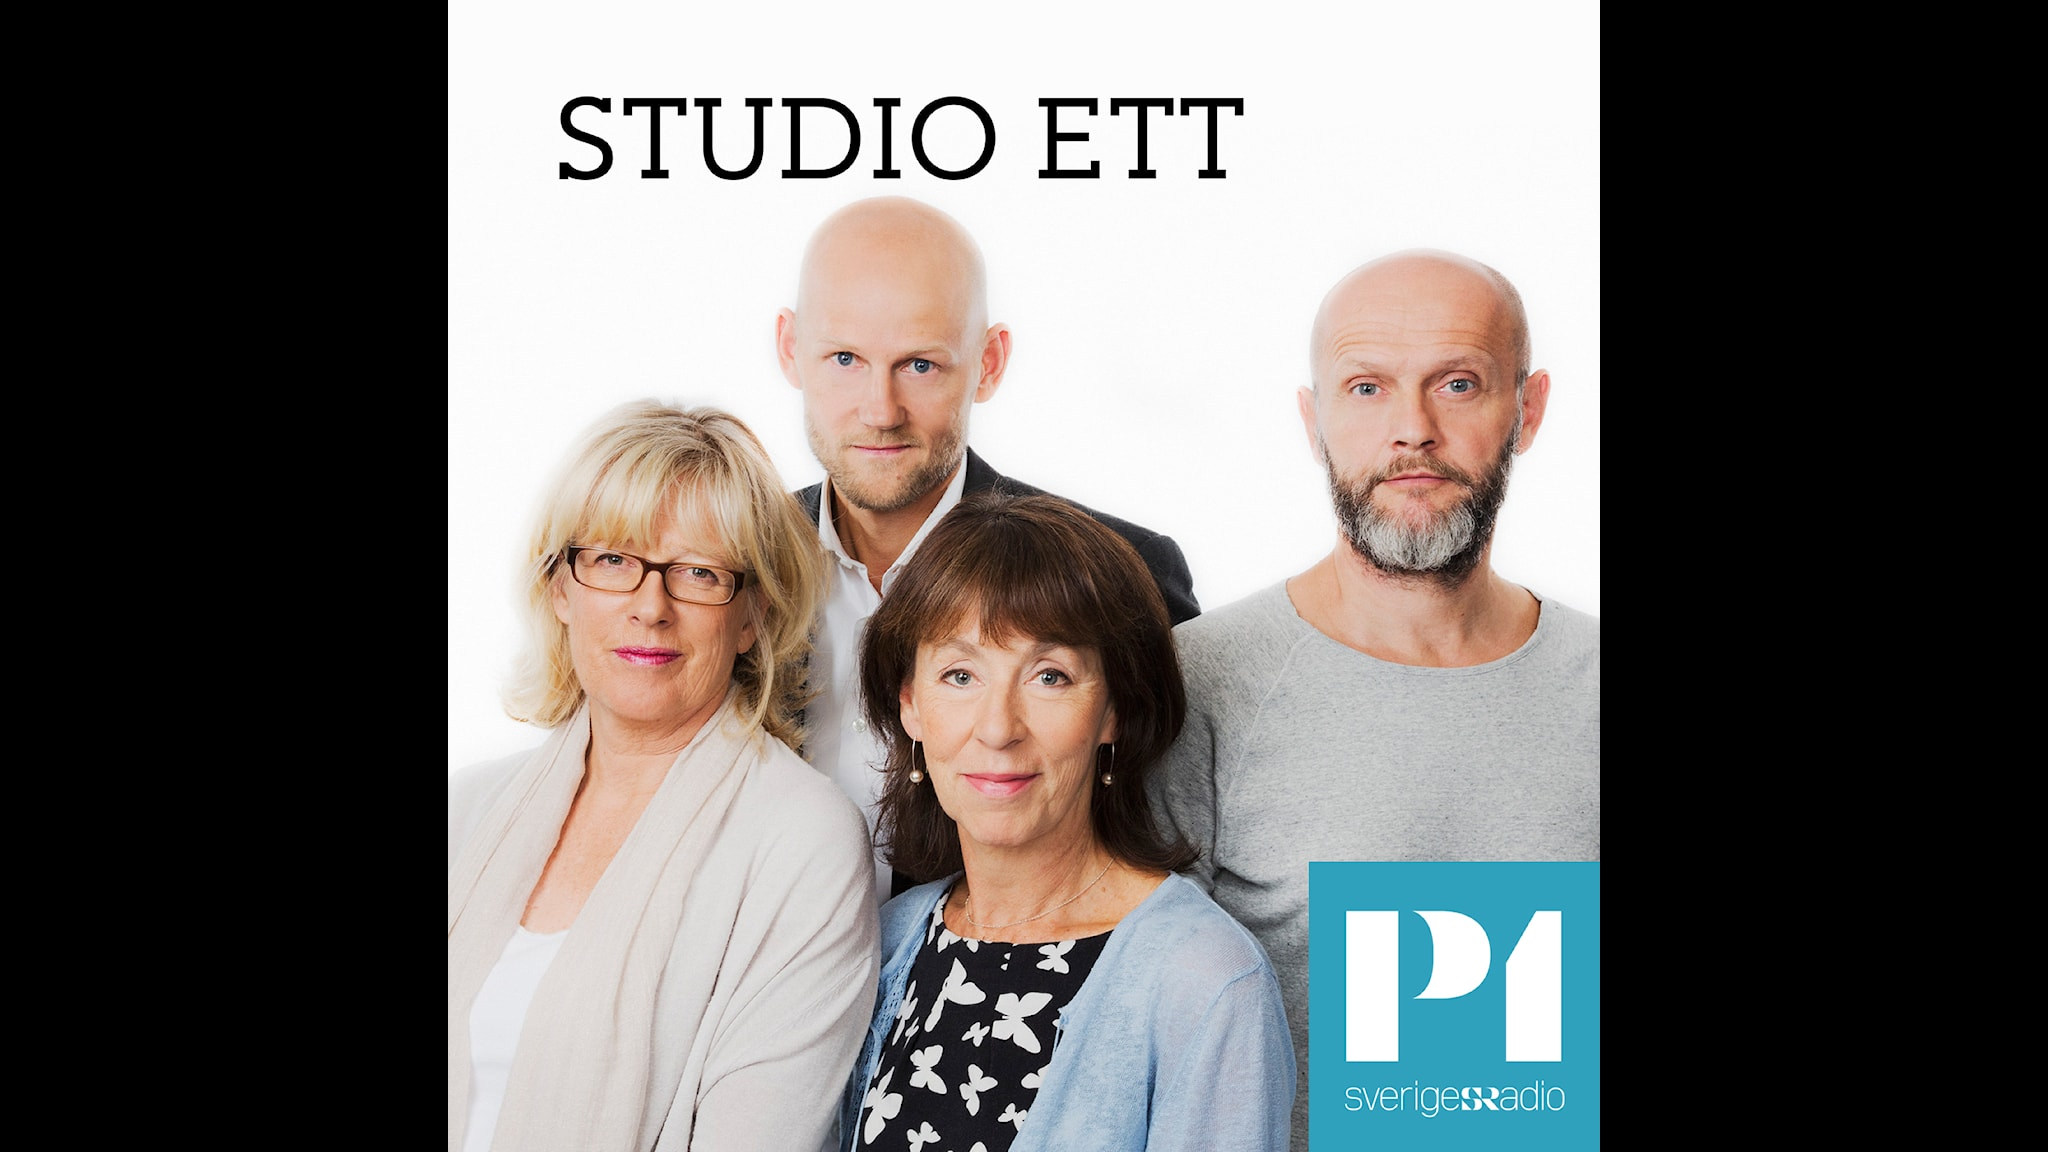 Studio Ett måndag 10 oktober - spela